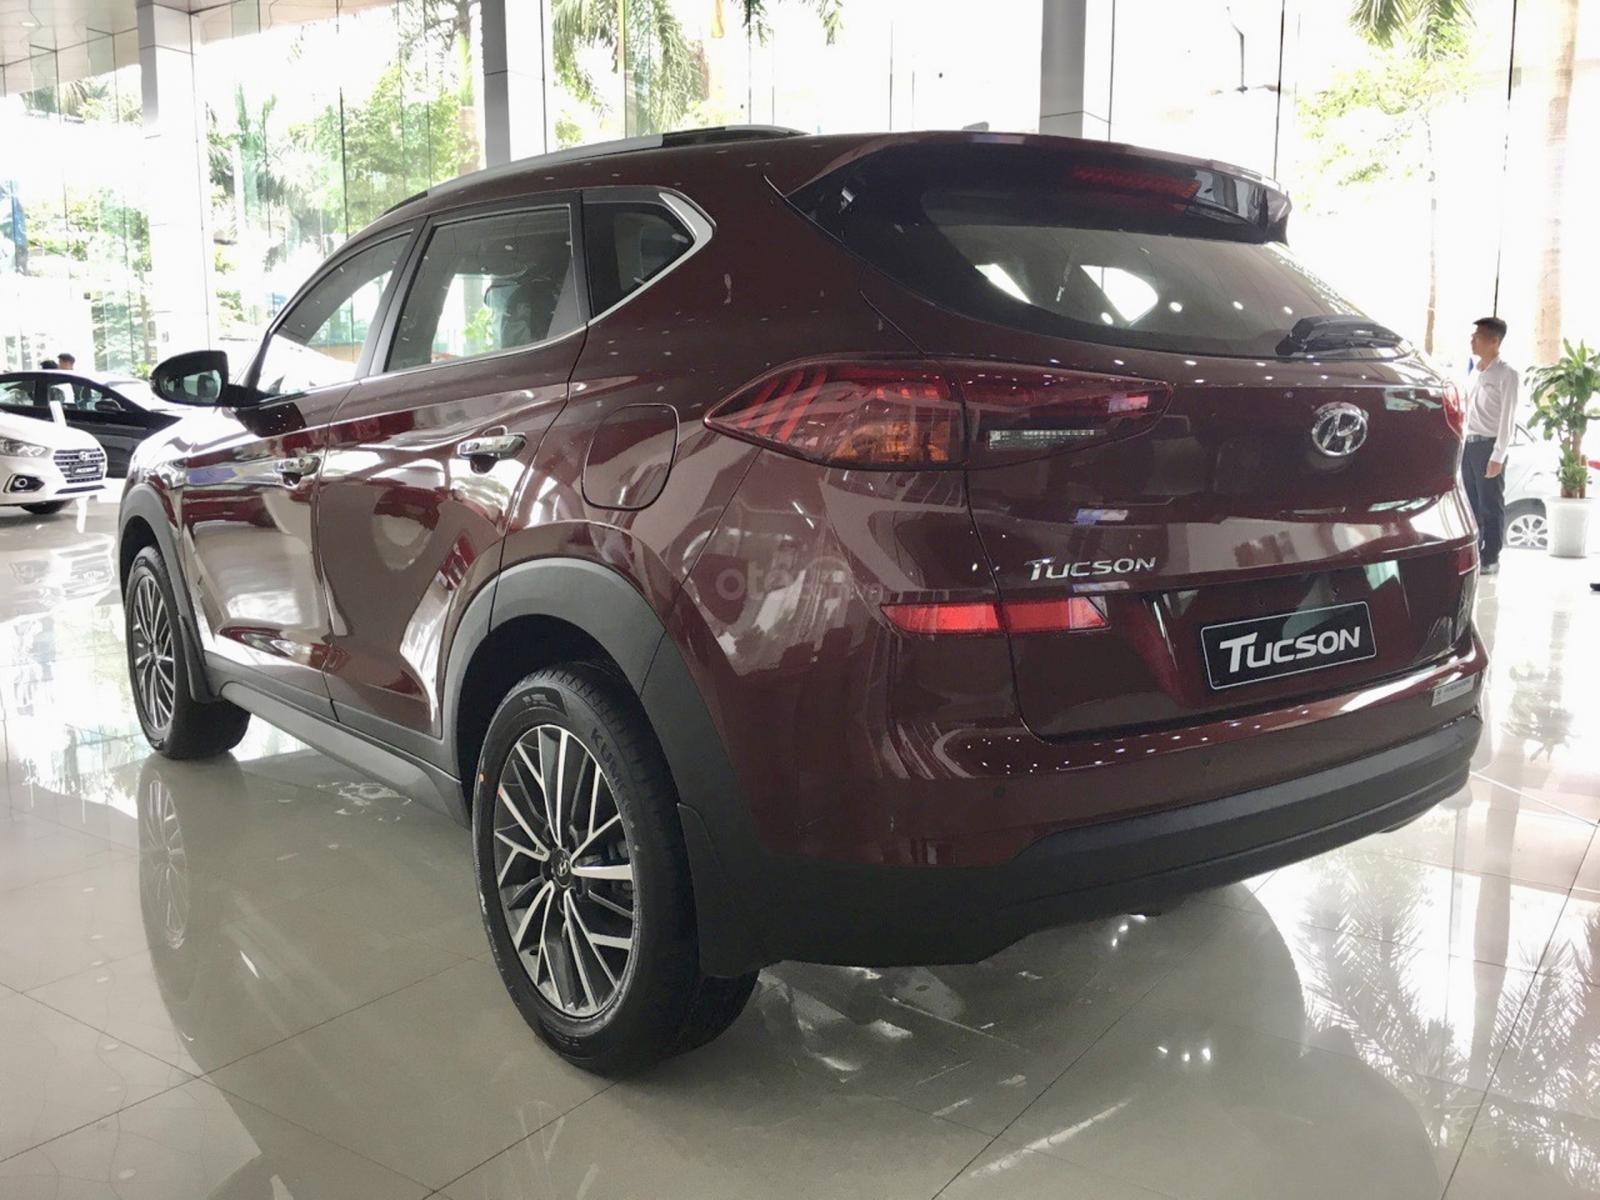 Hyundai Tucson 2.0 xăng đặc biệt 2020, đủ phiên bản - đủ màu, ưu đãi lớn tháng 11, hỗ trợ trả góp tới 85% giá trị xe (6)